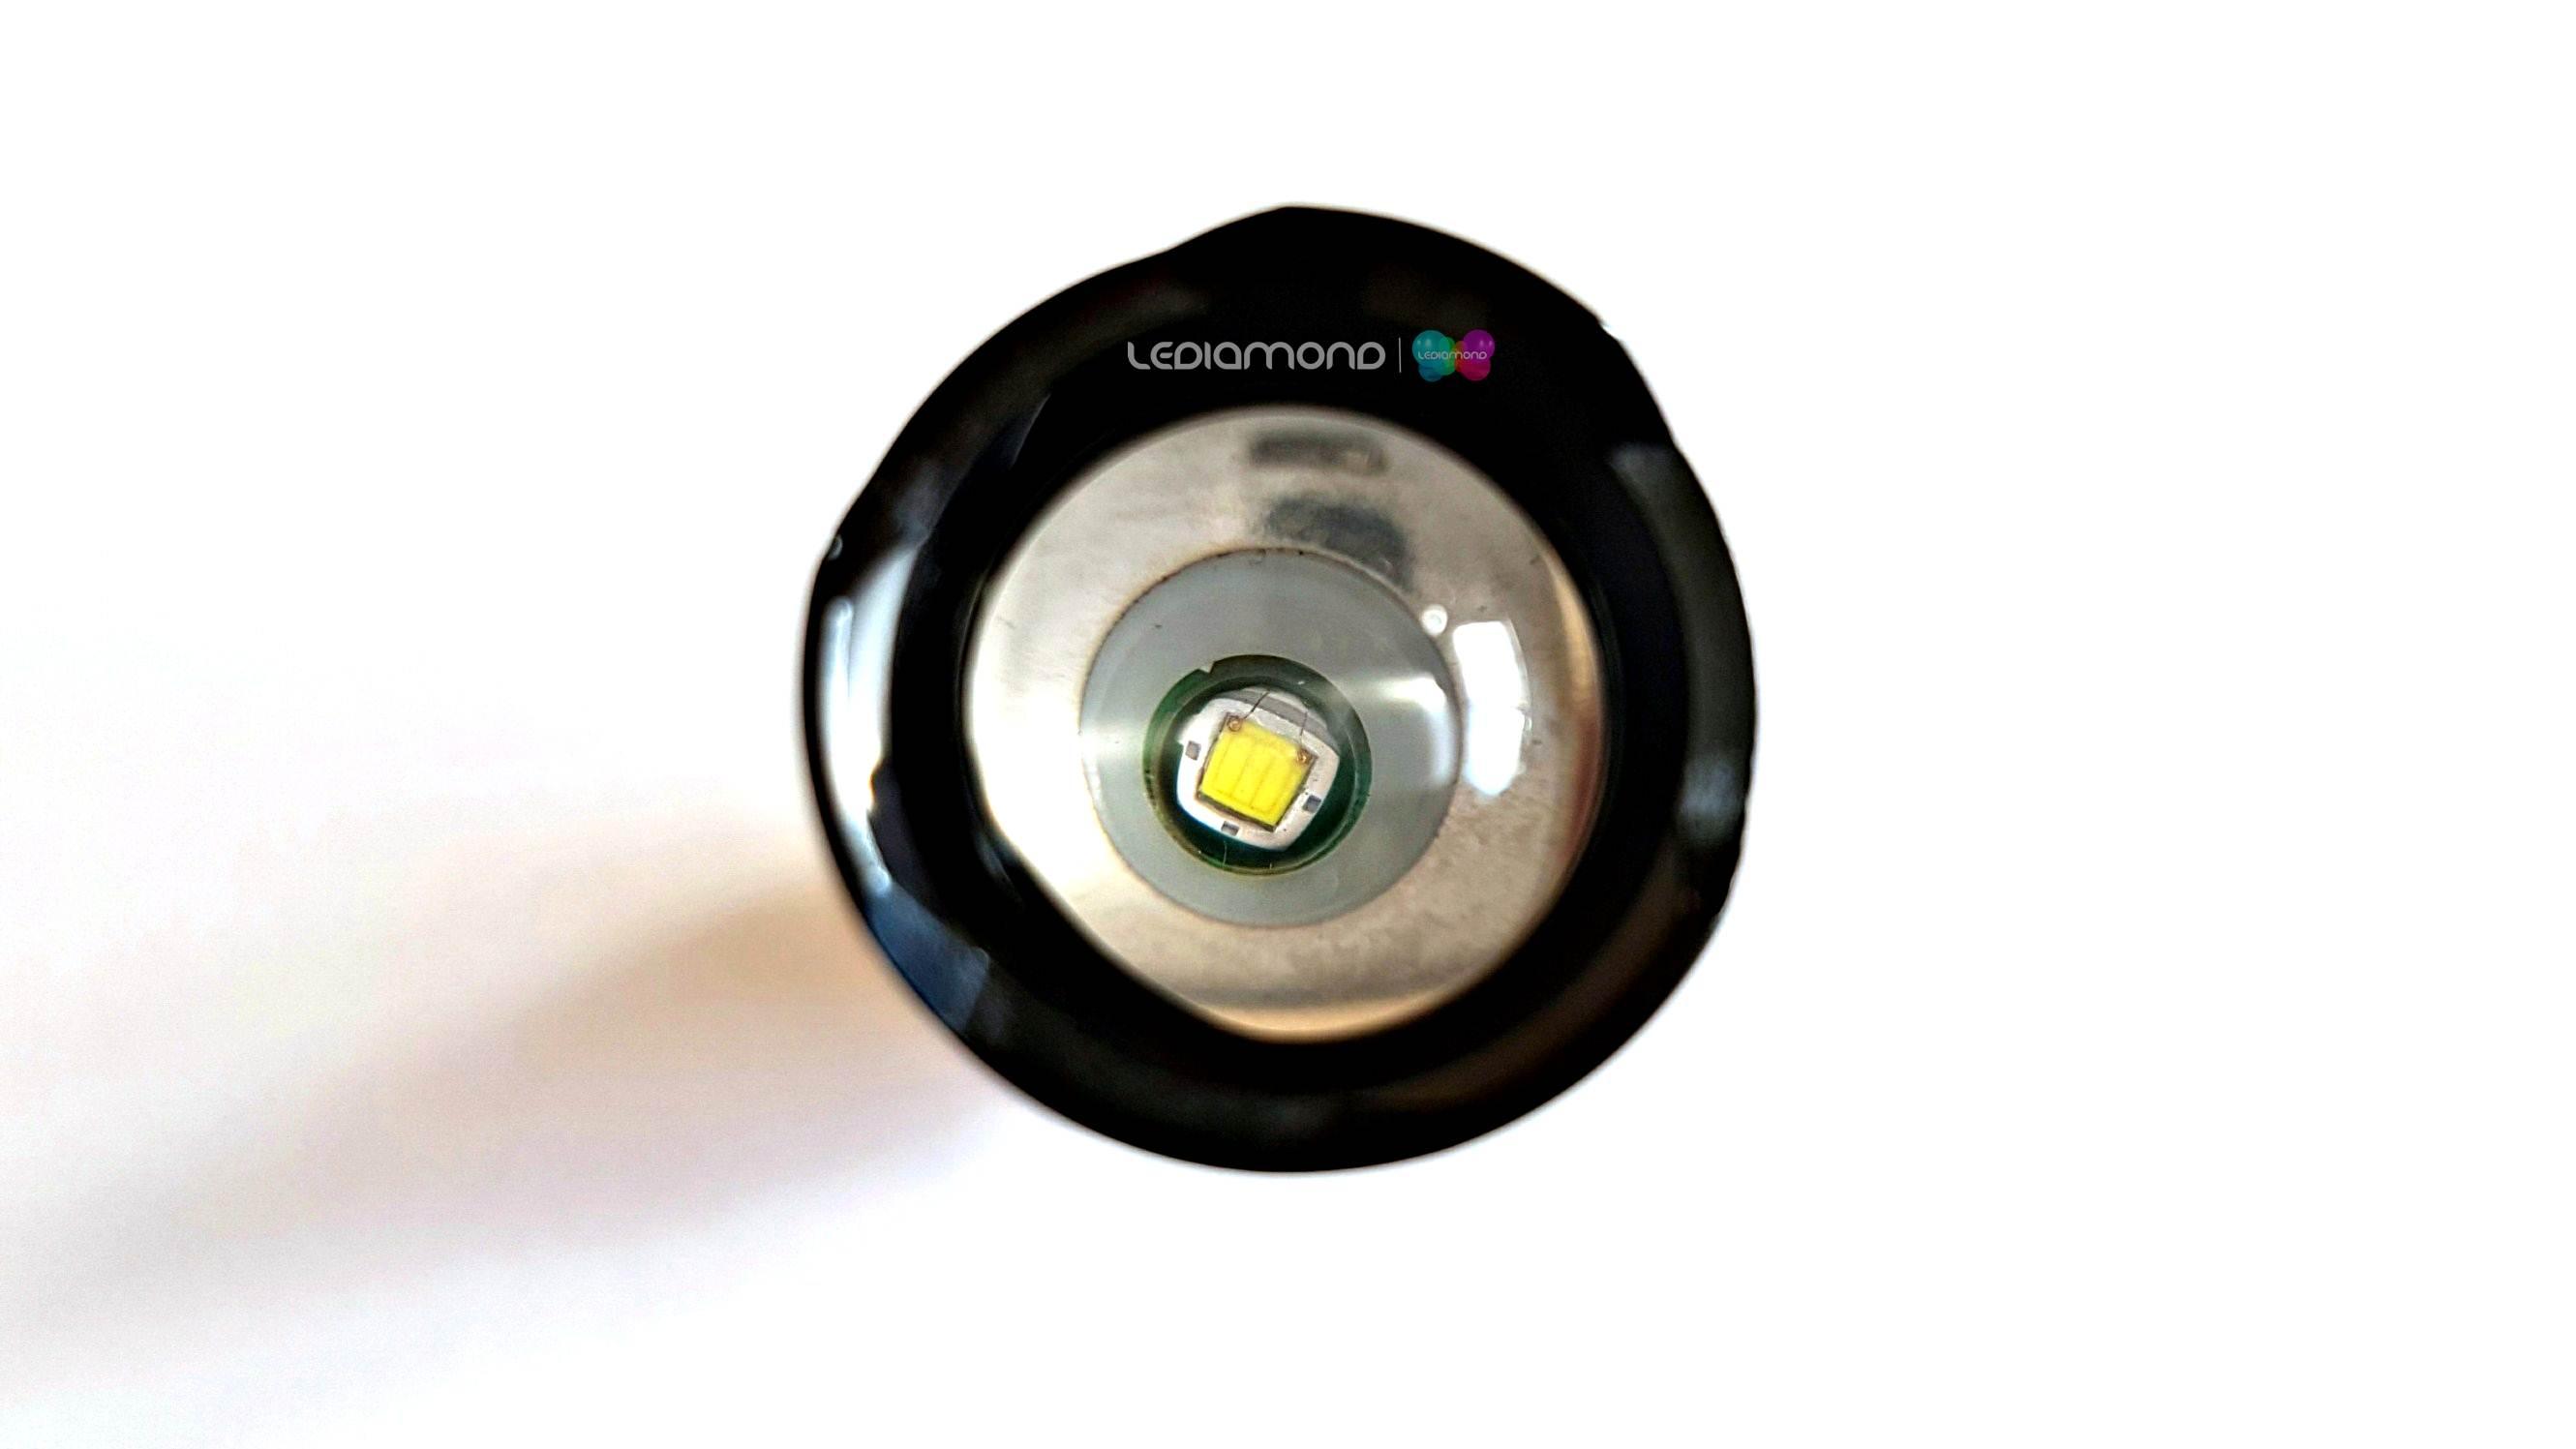 Linterna LEDIAMOND Mini 4